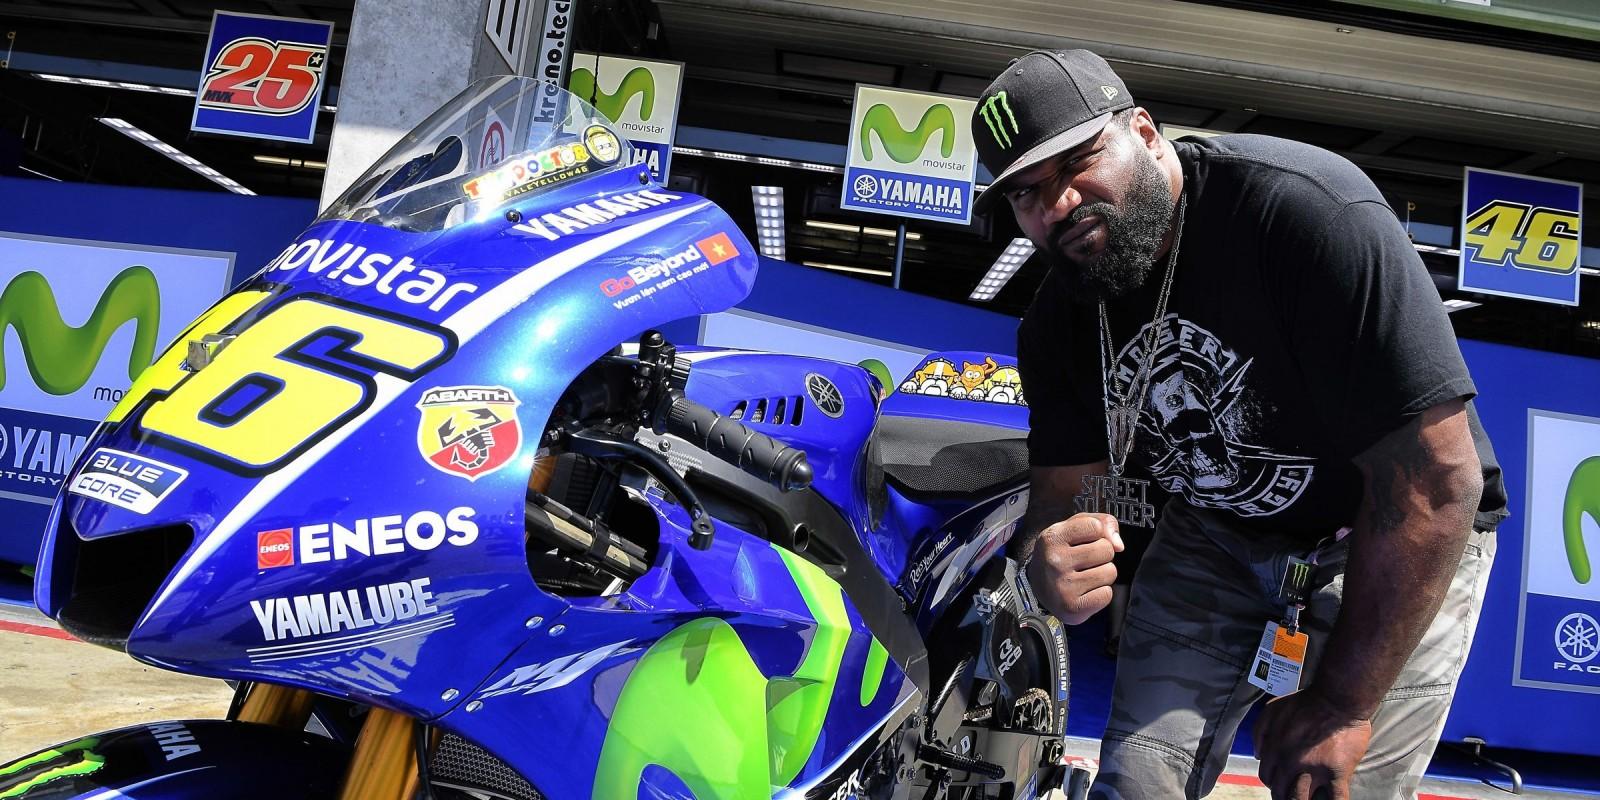 Quinton 'Rampage' Jackson at Brno MotoGP